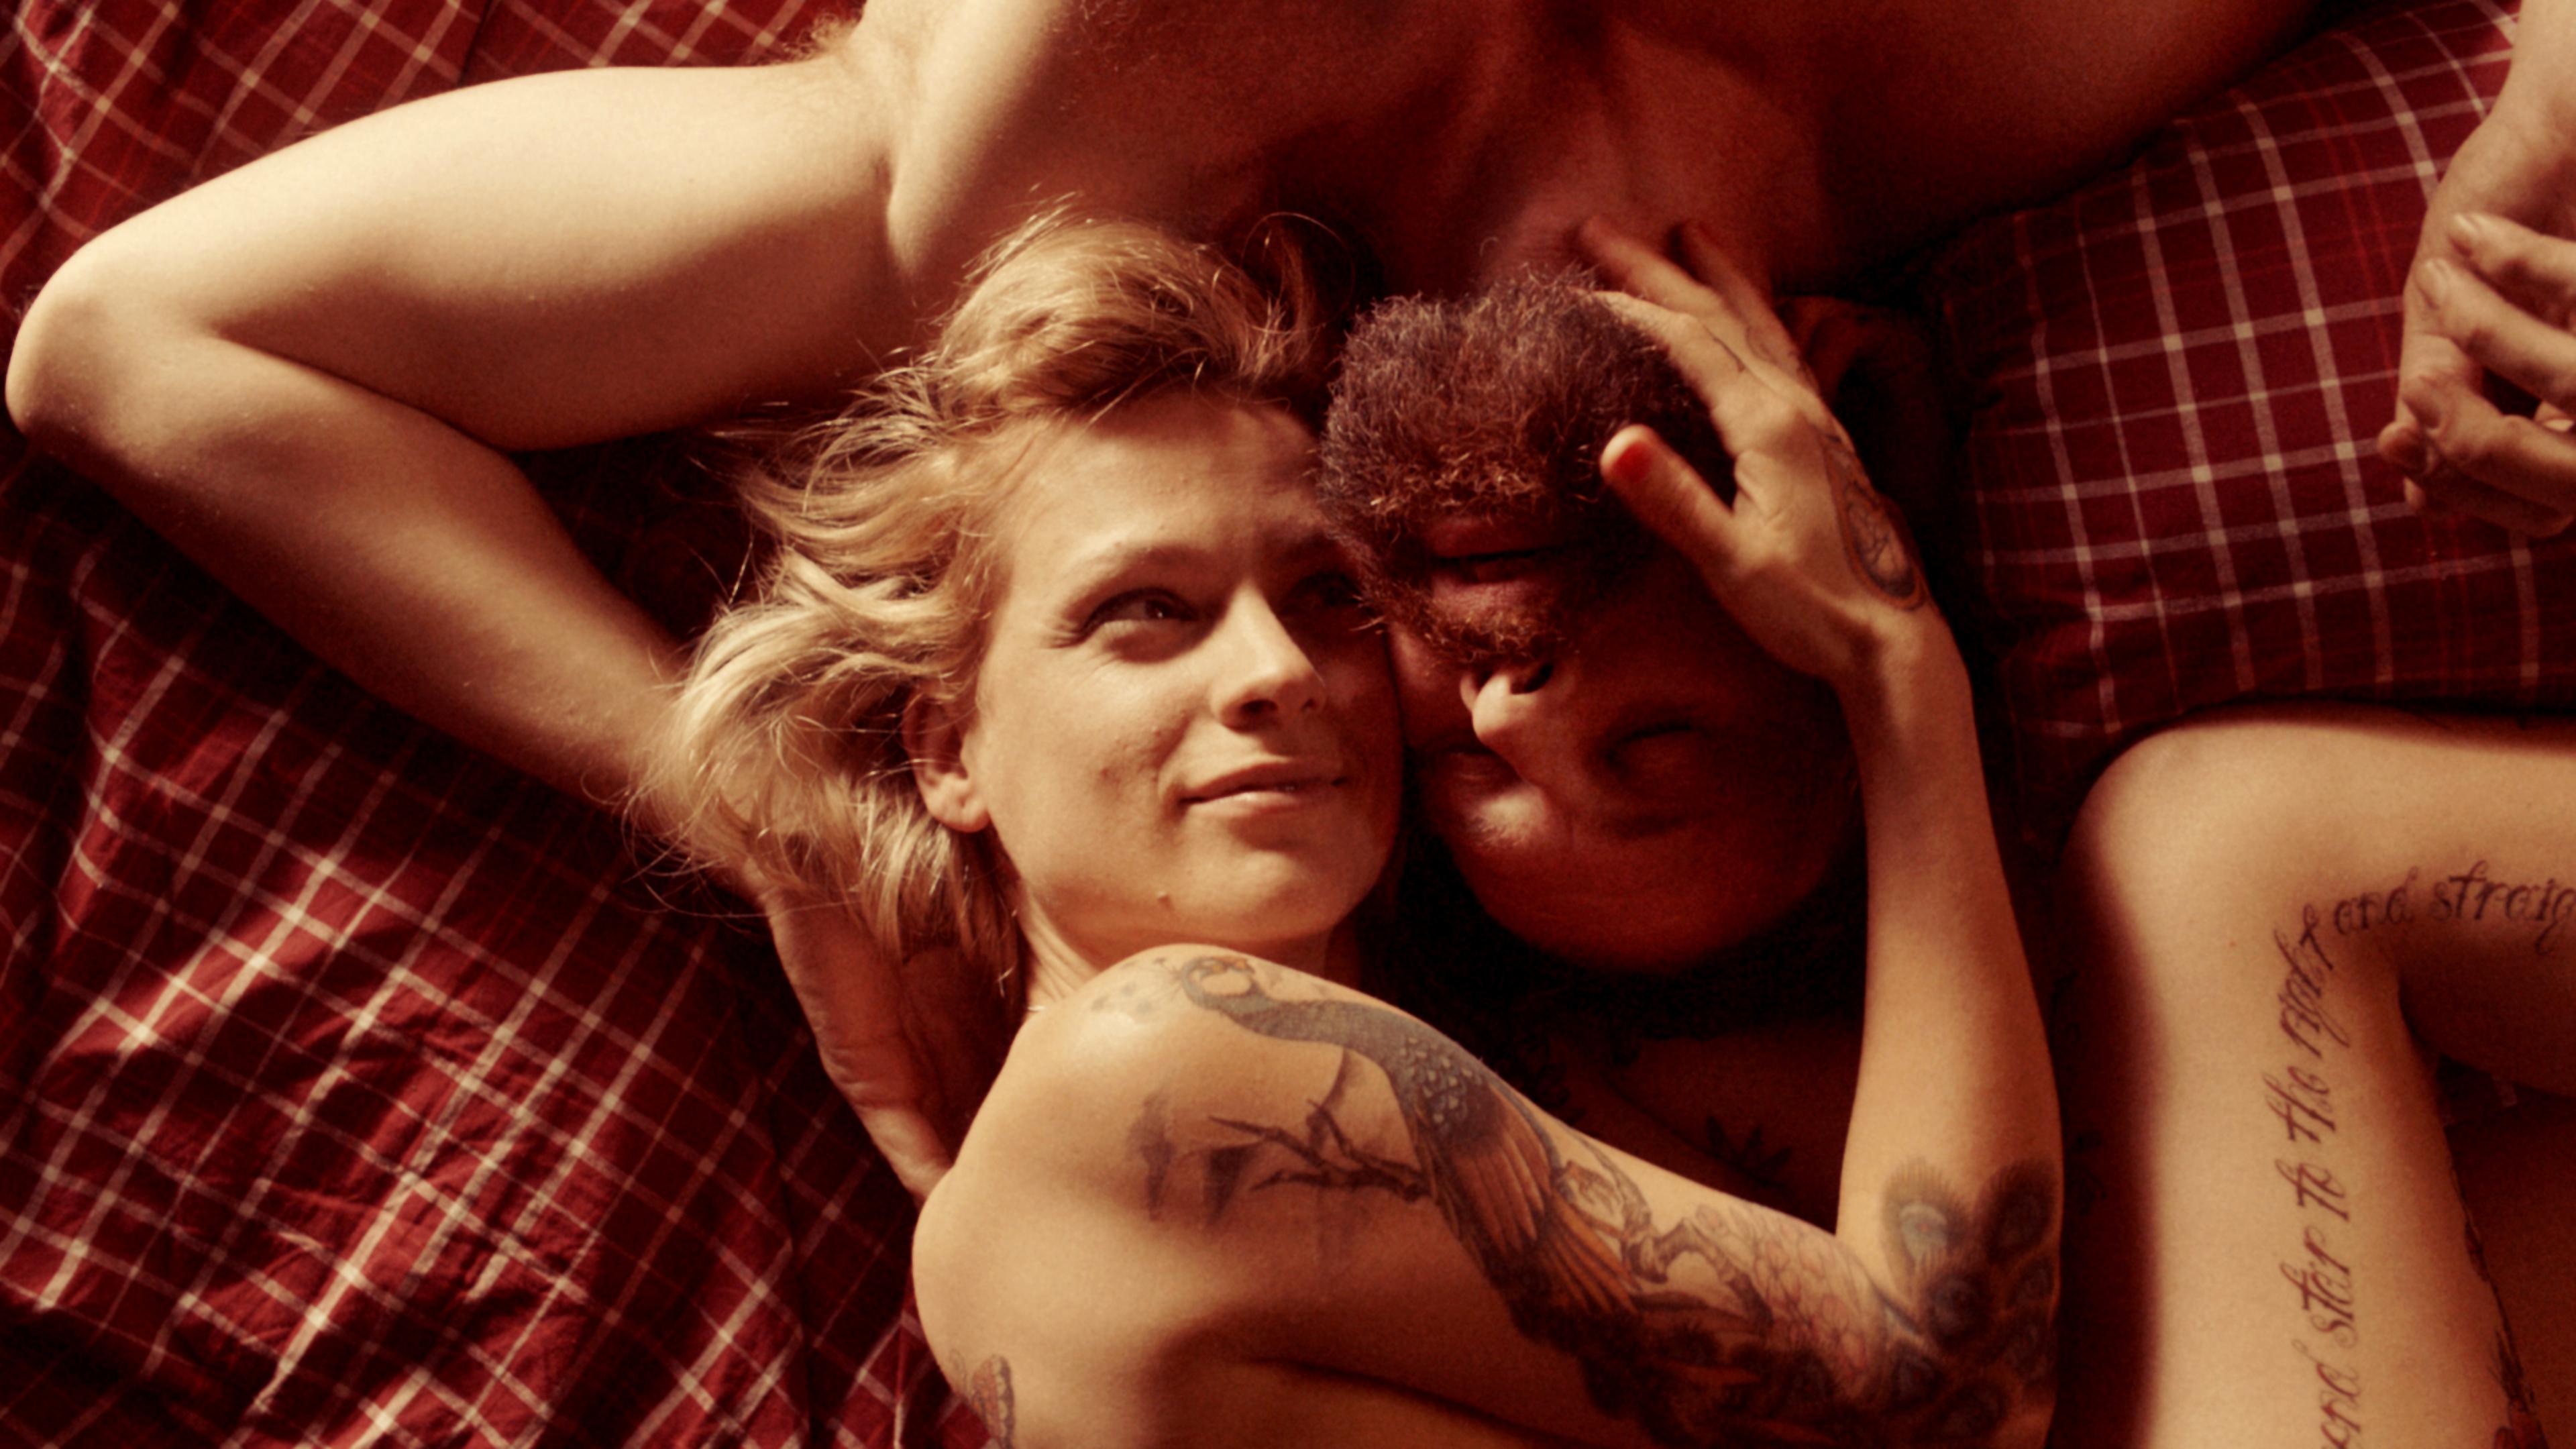 Veerle Baetens as Elise and Johan Heldenbergh as Didier in The Broken Circle Breakdown